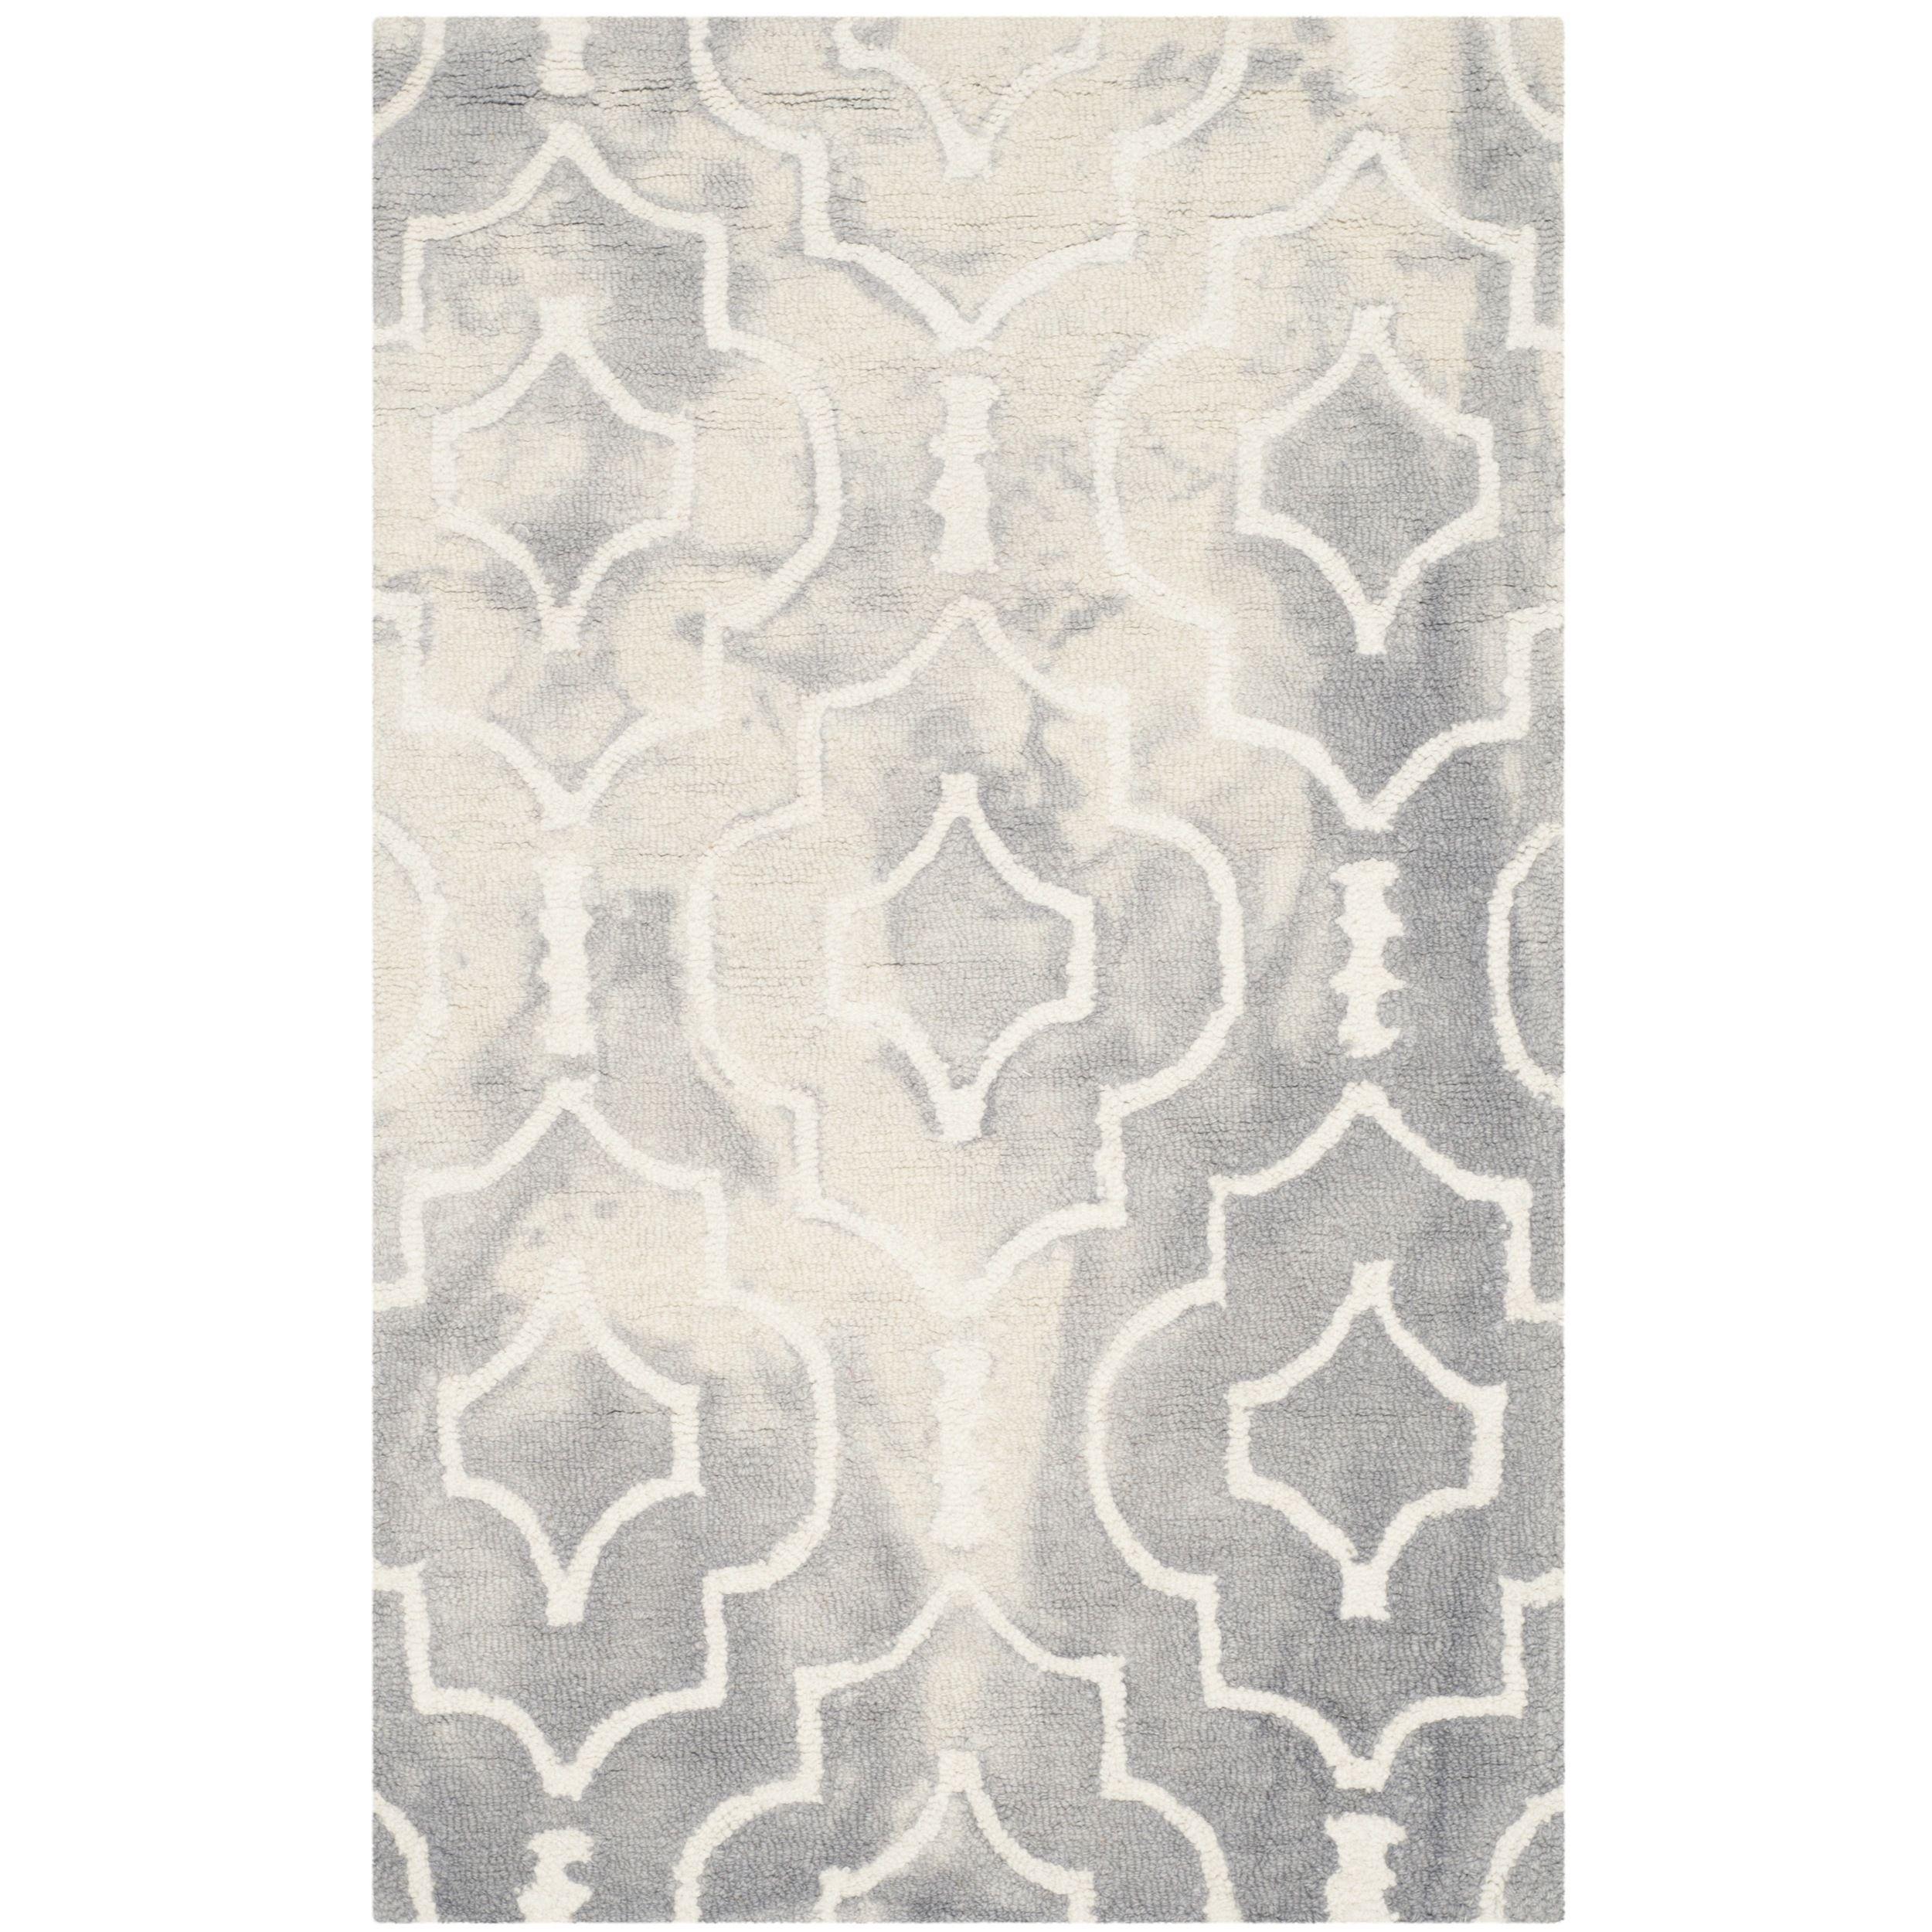 Safavieh handmade dip dye watercolor vintage grey ivory wool rug